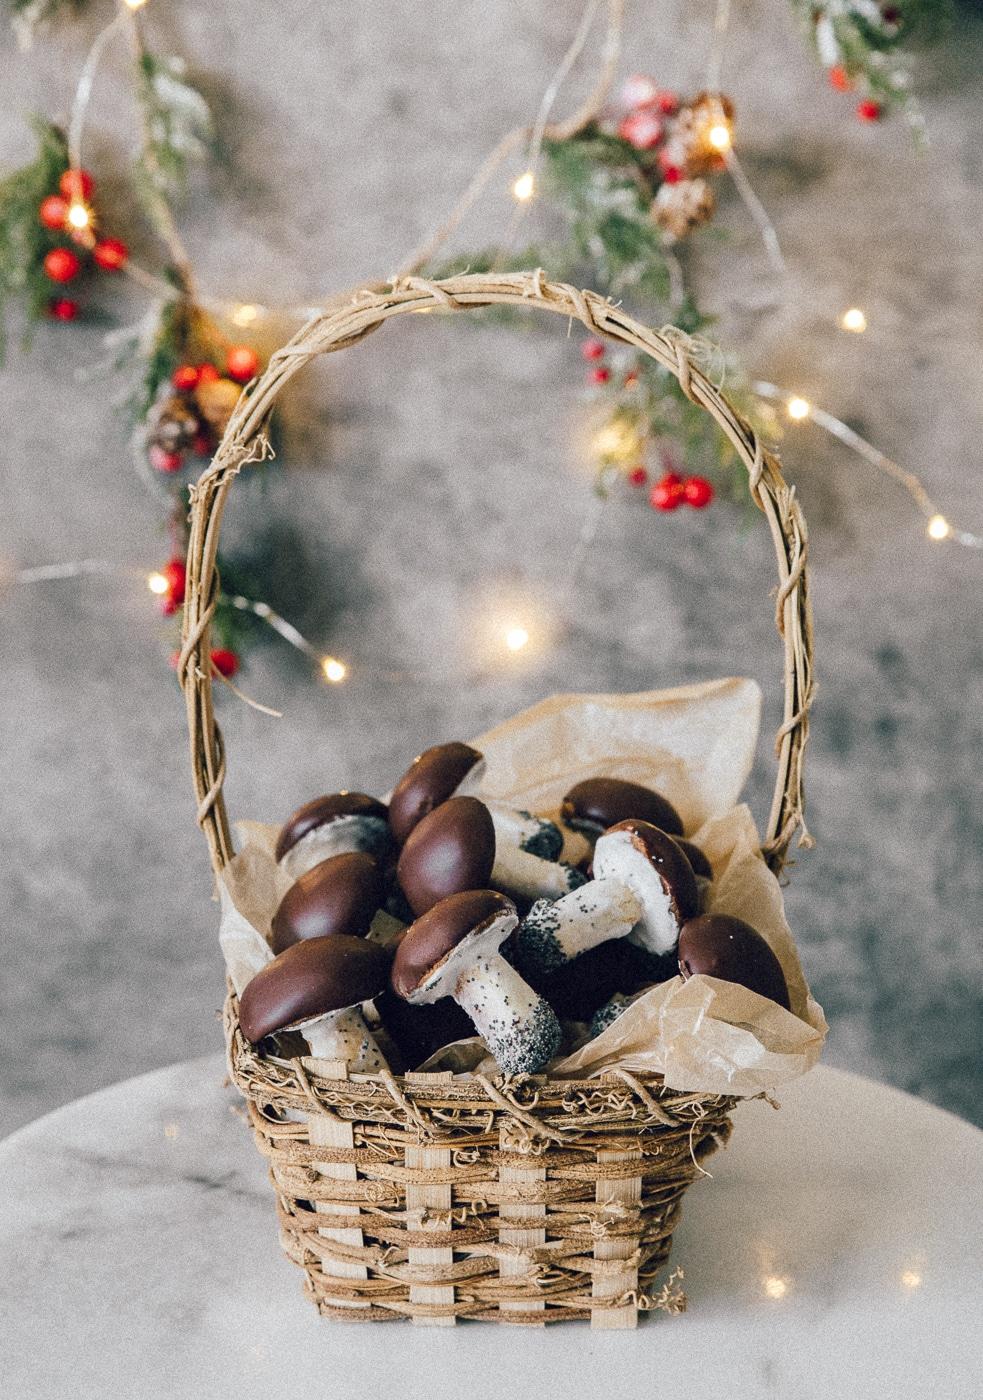 svampe småkager, champignon cookies, hjemmebag, hyggeprojekt